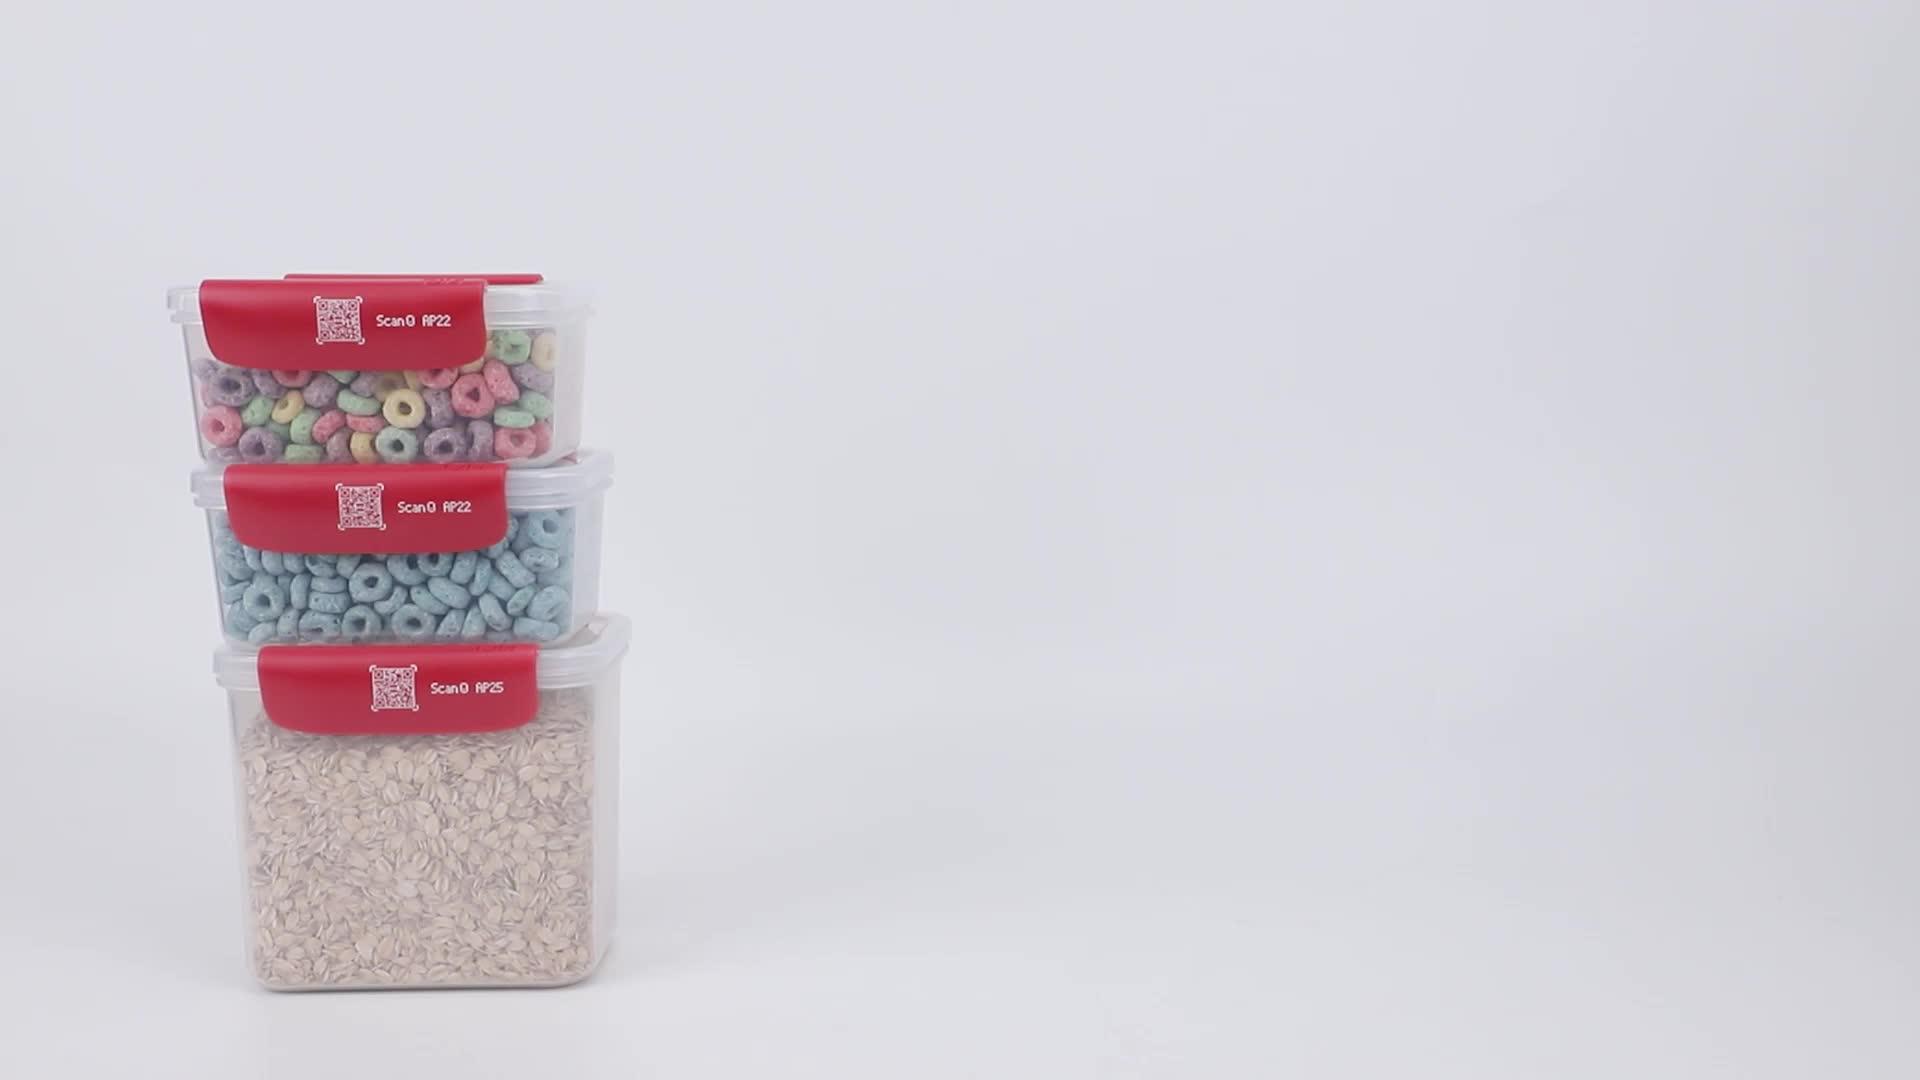 KIGI पीपी खाद्य ग्रेड वायुरोधी माइक्रोवेव प्लास्टिक खाद्य भंडारण कंटेनर